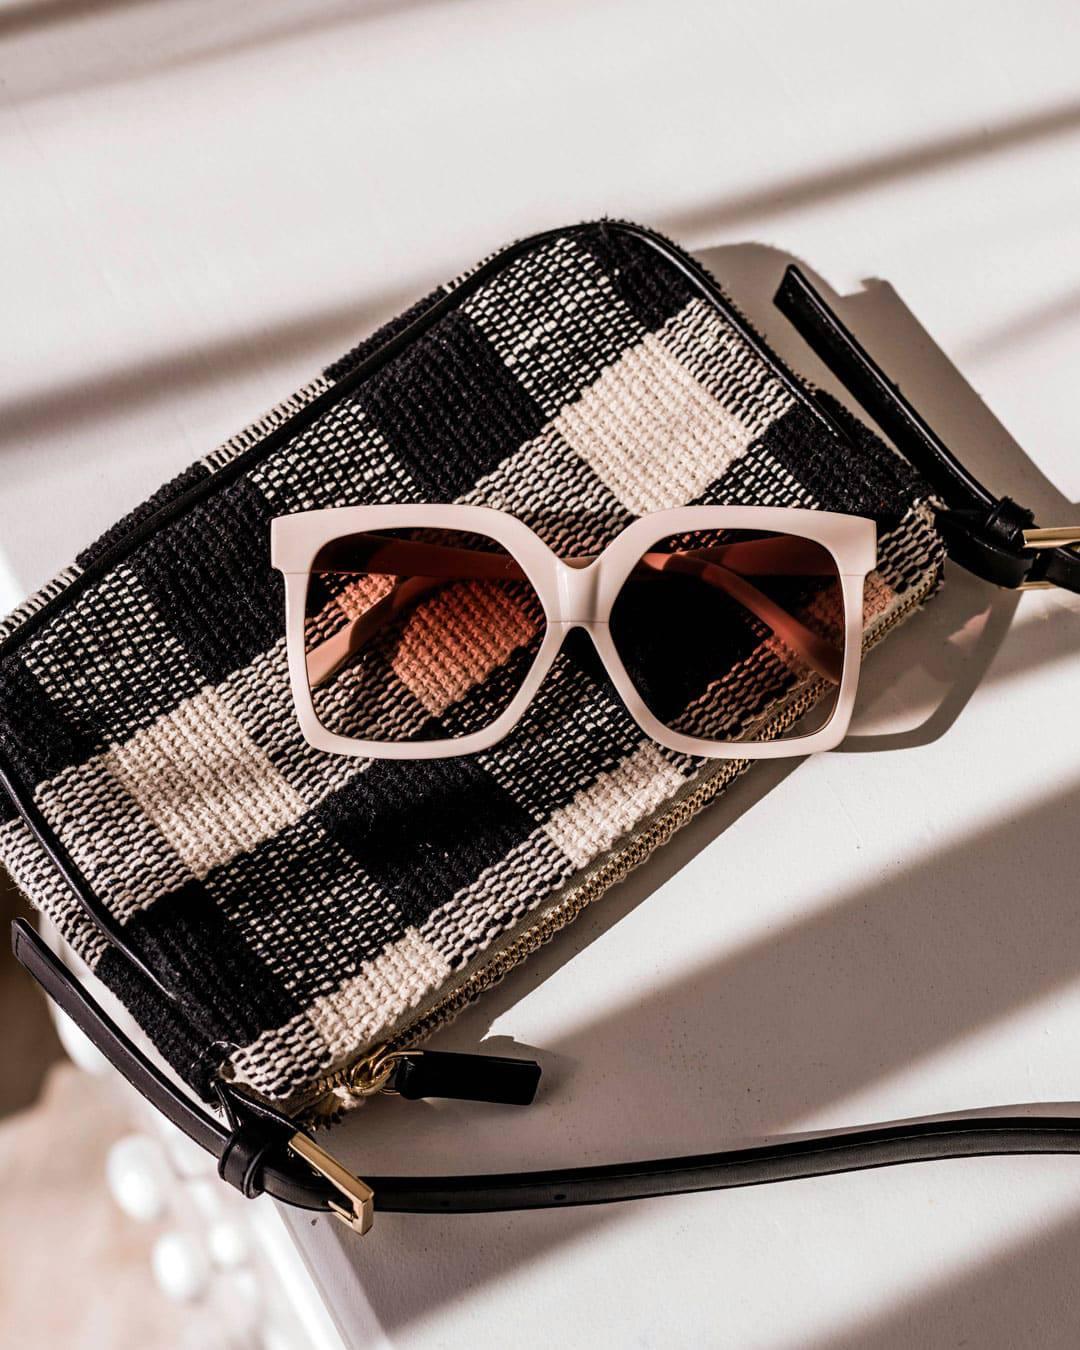 Oversized square shades